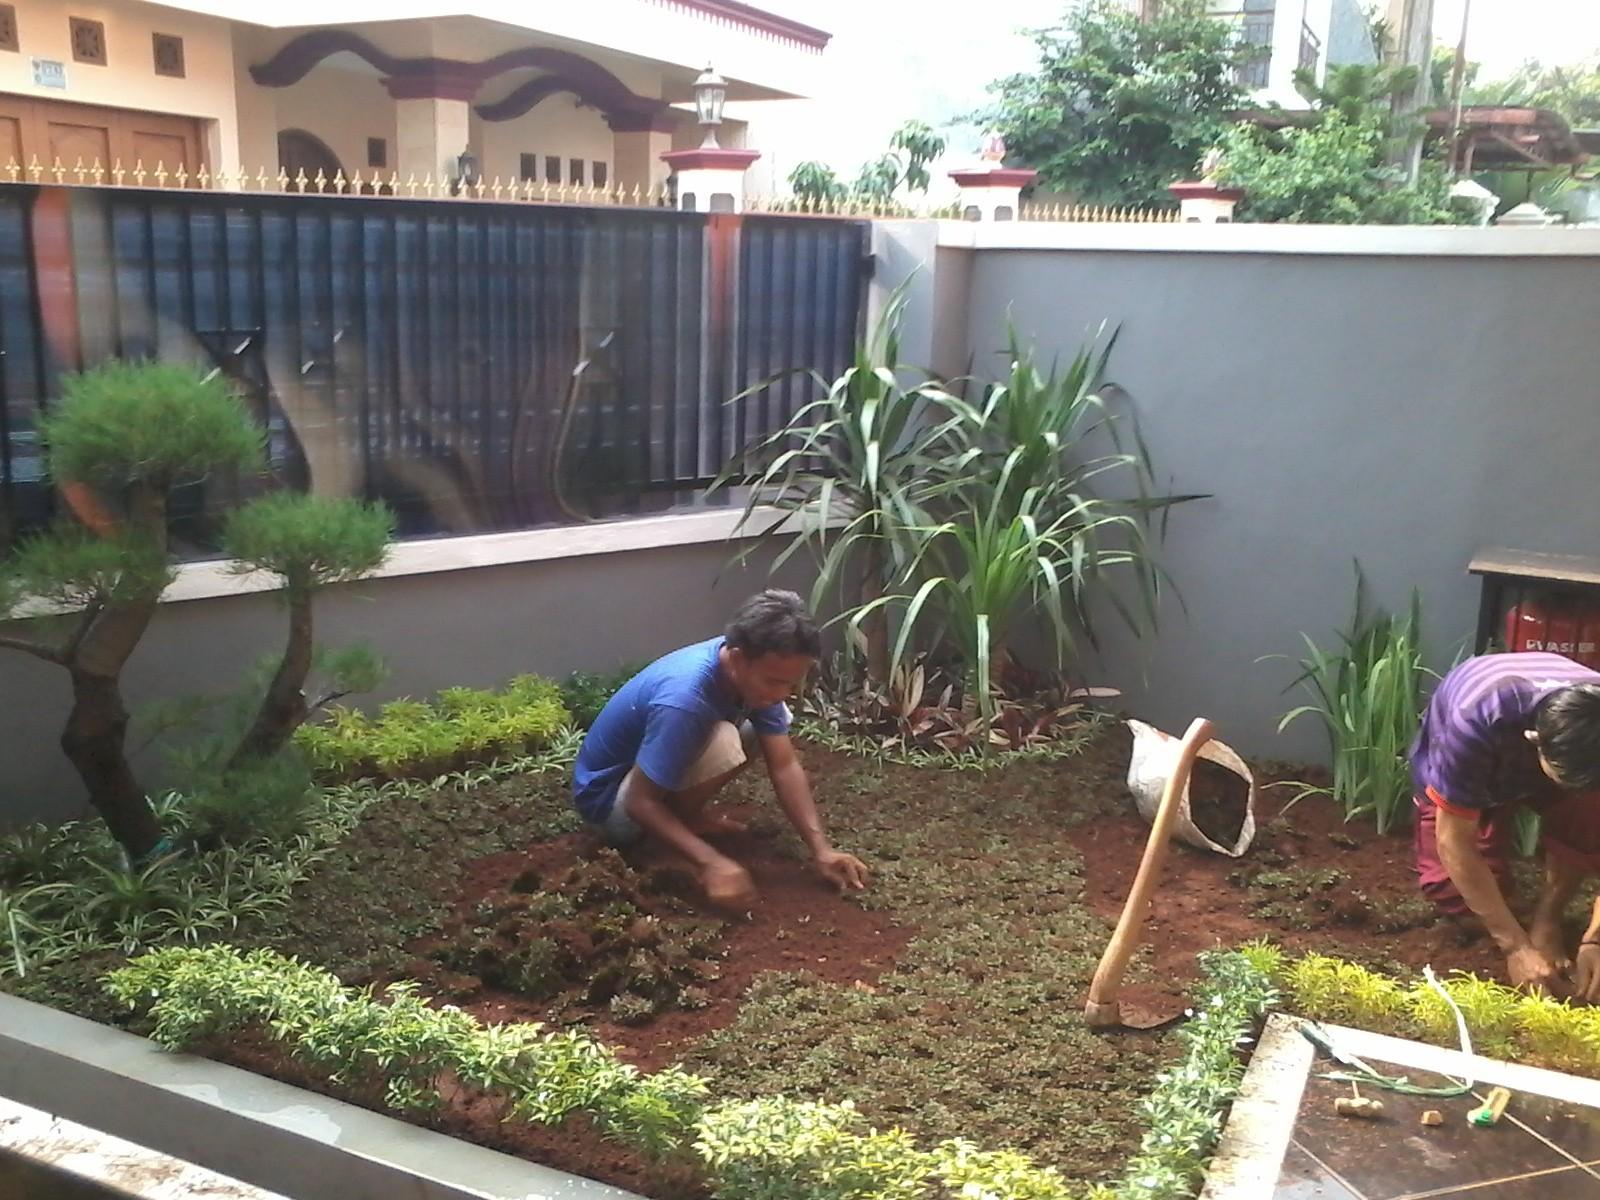 Menata Taman Depan Rumah Sederhana Taman Tanaman